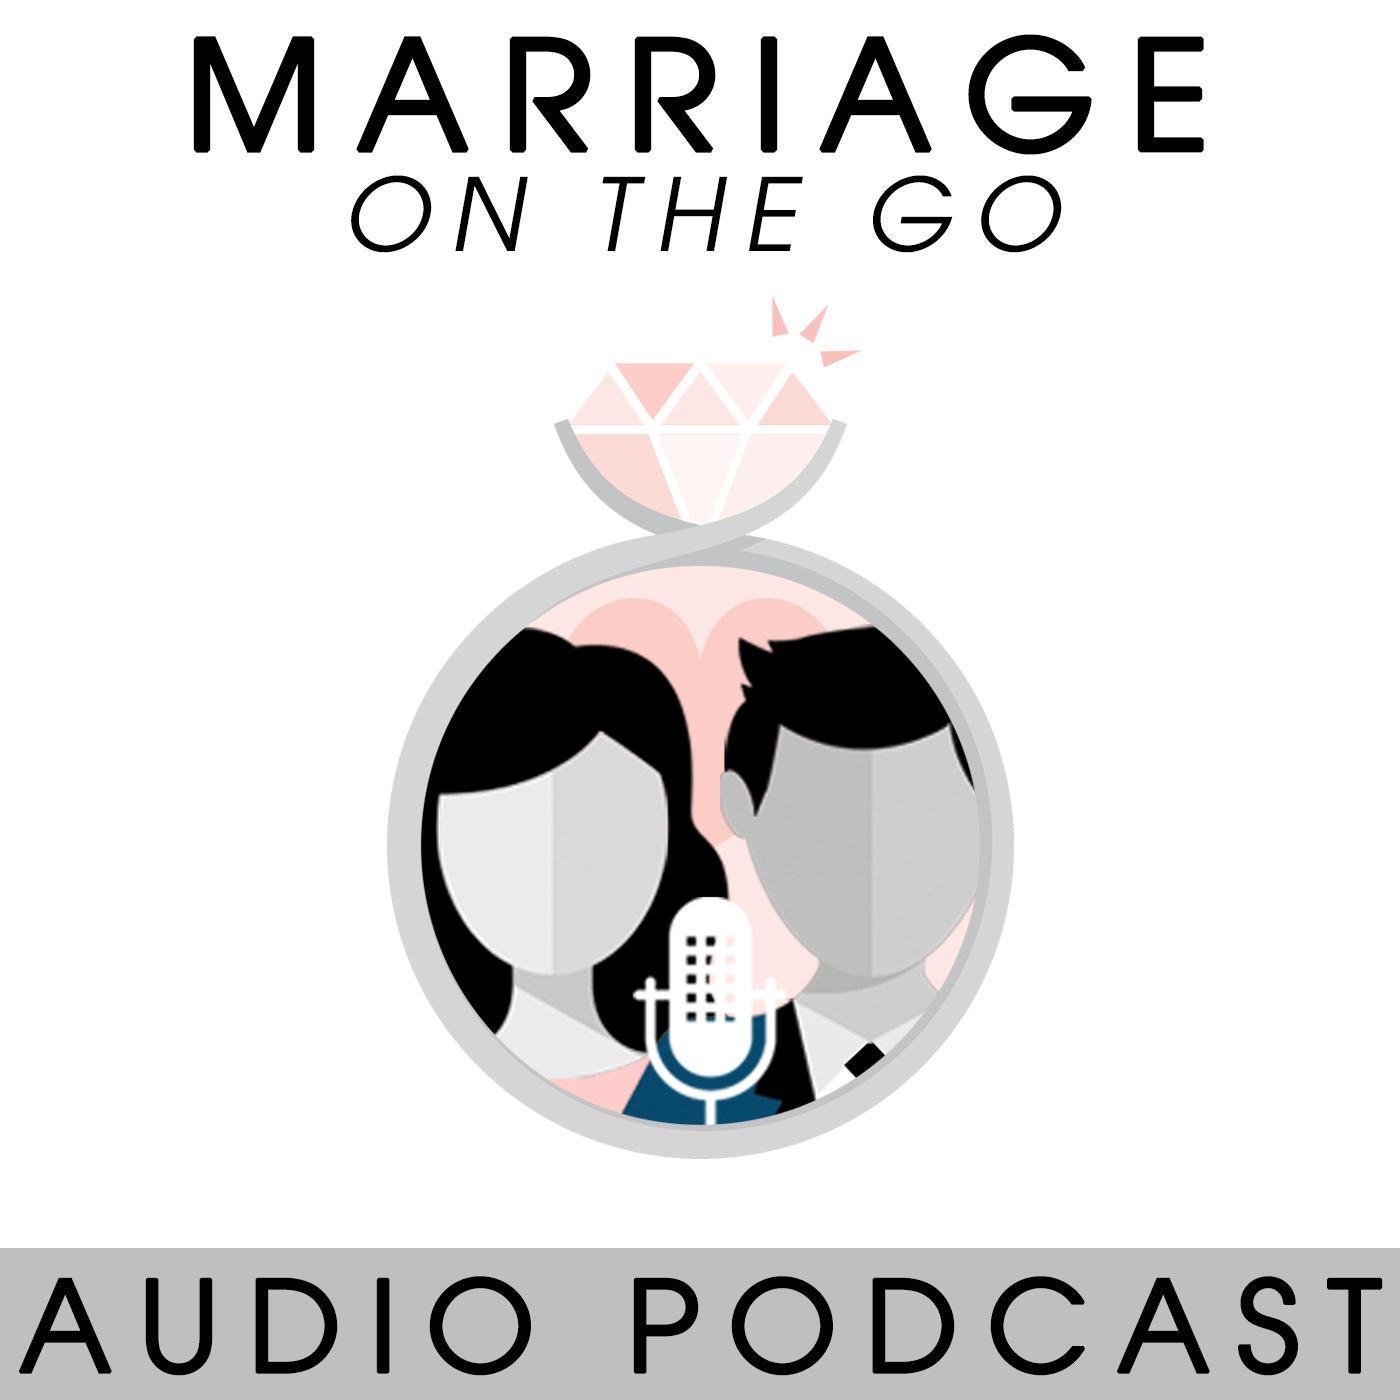 Marriage Libsyn Image Upload 1400x1400.jpg